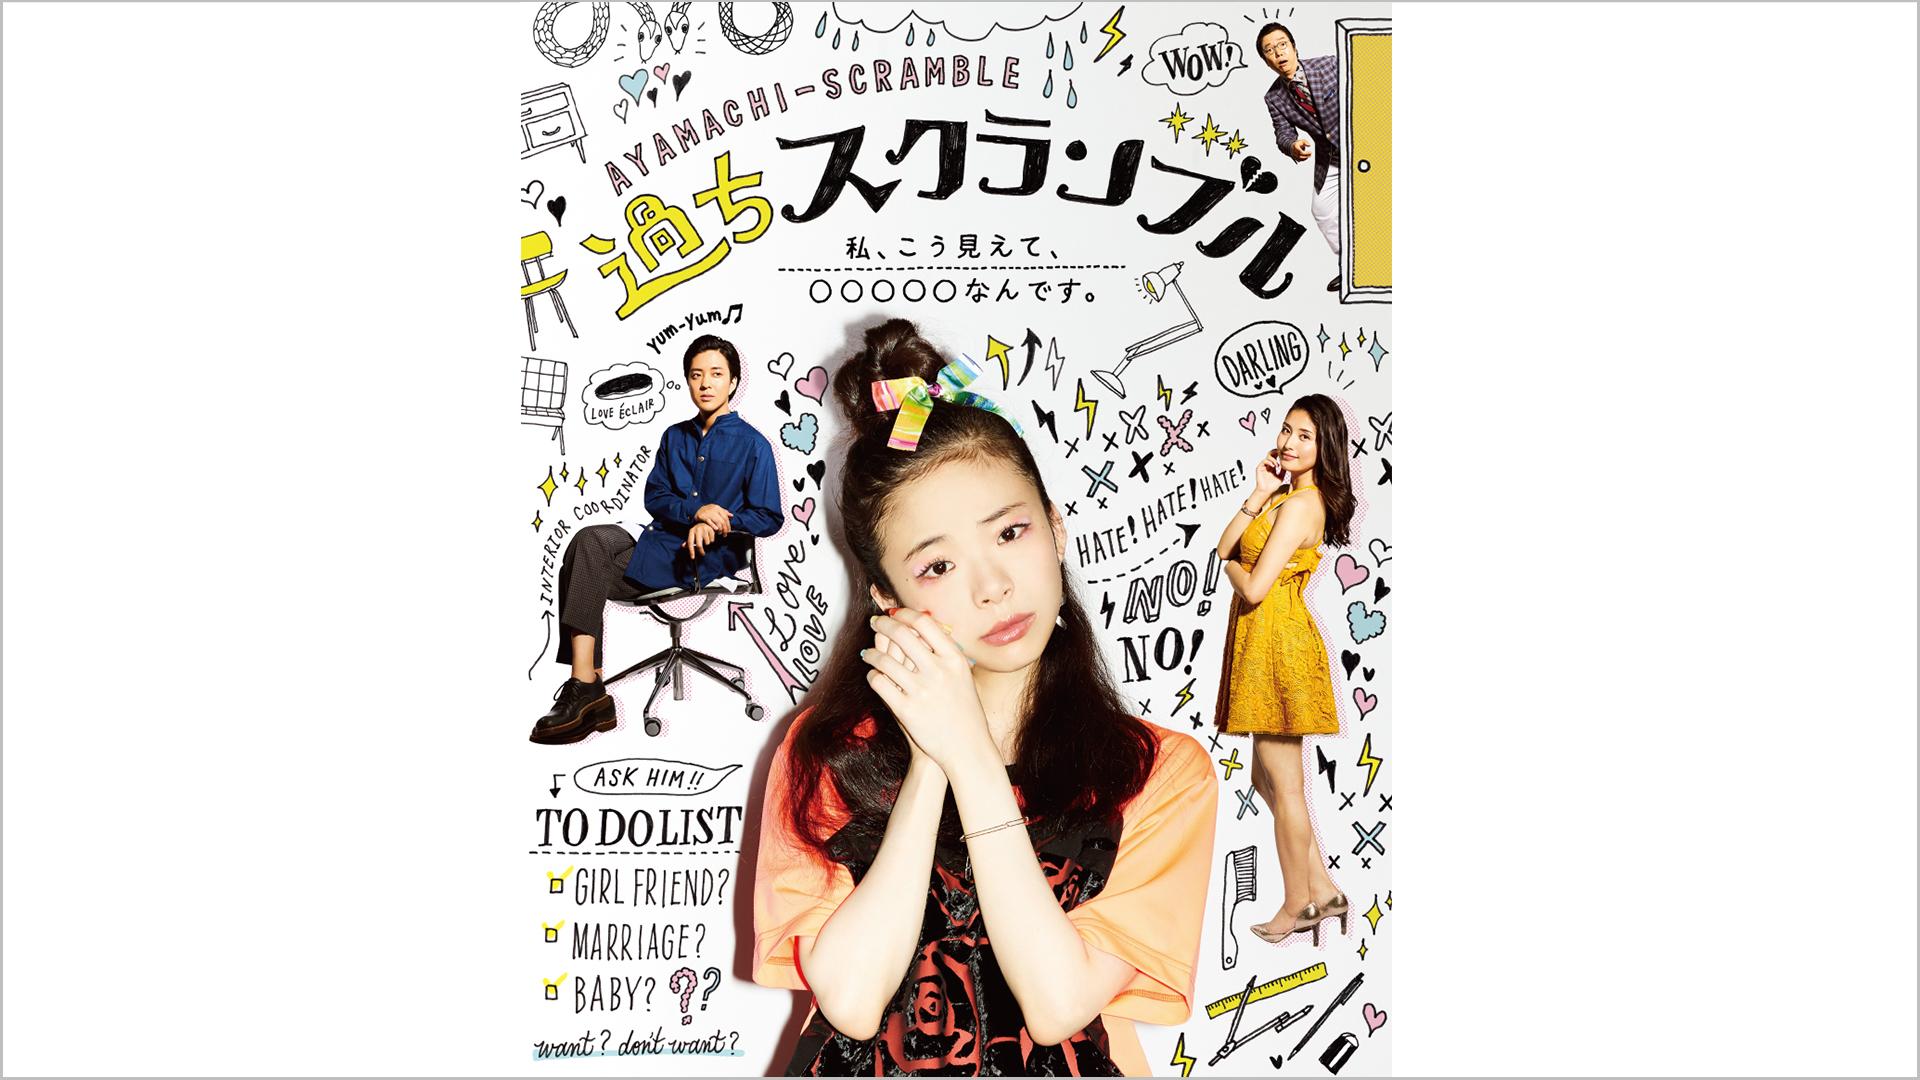 オリジナルドラマ「過ちスクランブル」#4   緊急発進するオトナのラブコメ!!?